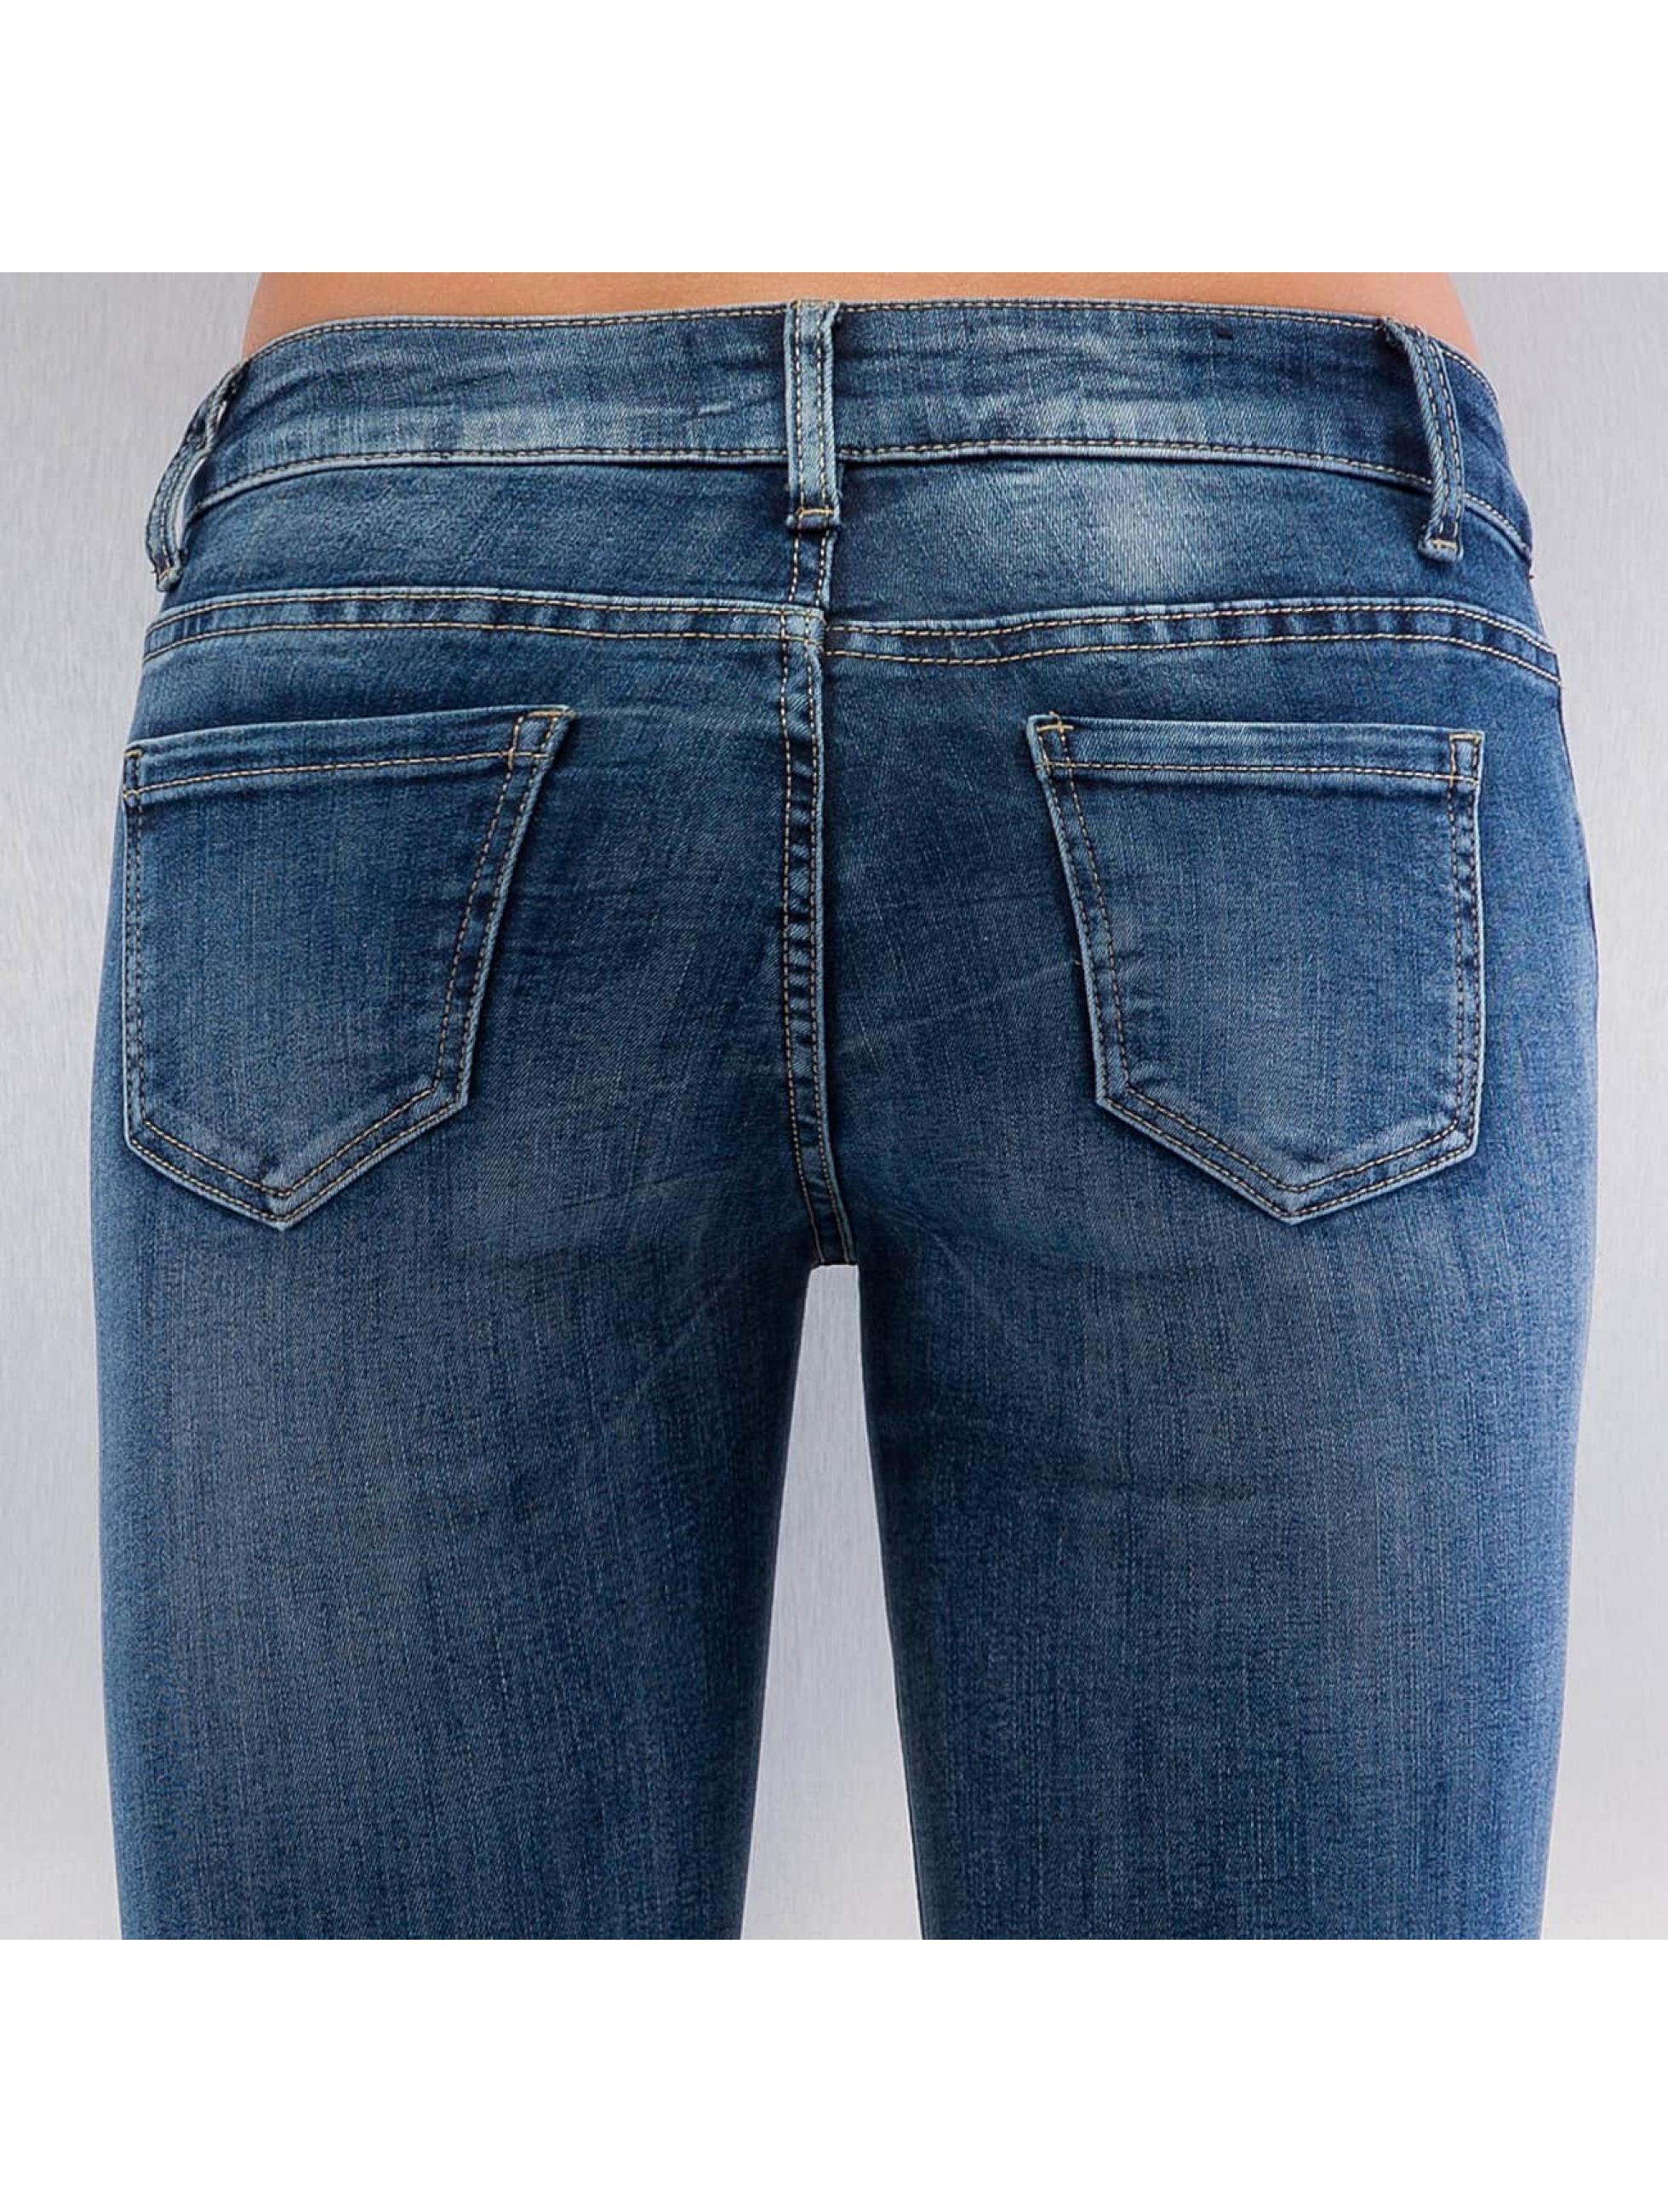 Hailys Облегающие джинсы Wiona синий